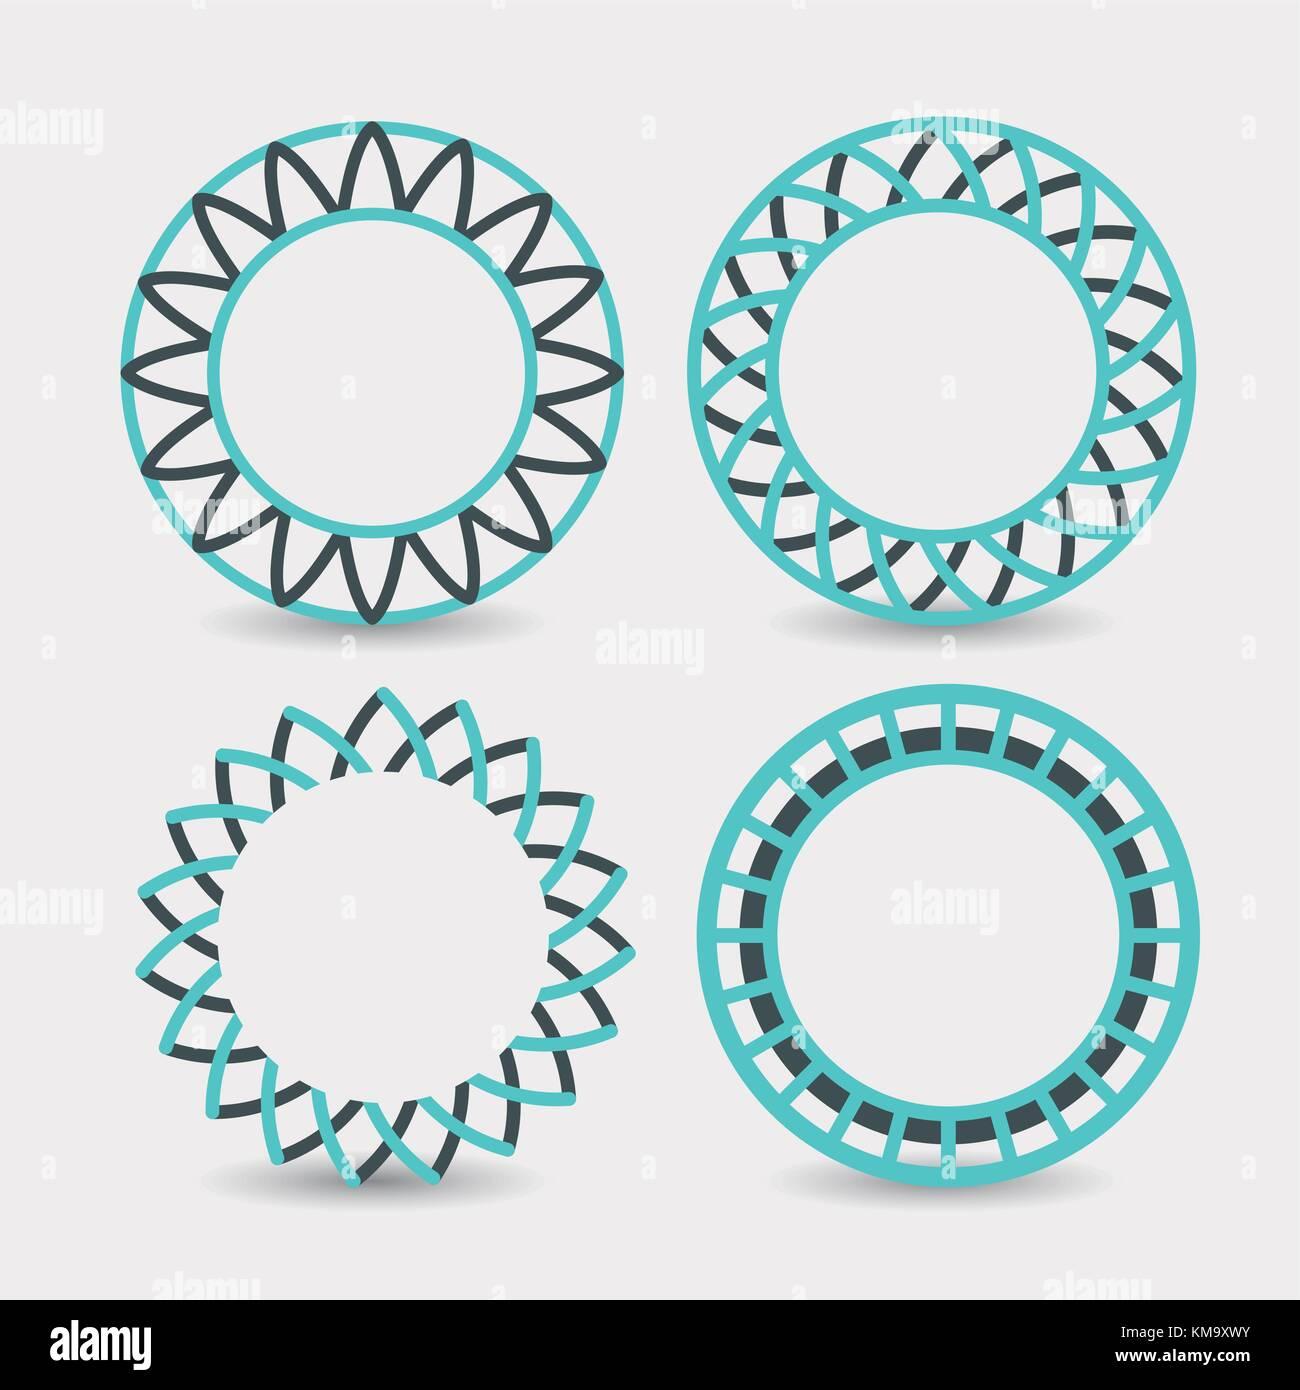 Ensemble de symboles abstract circles logo sur fond blanc Photo Stock